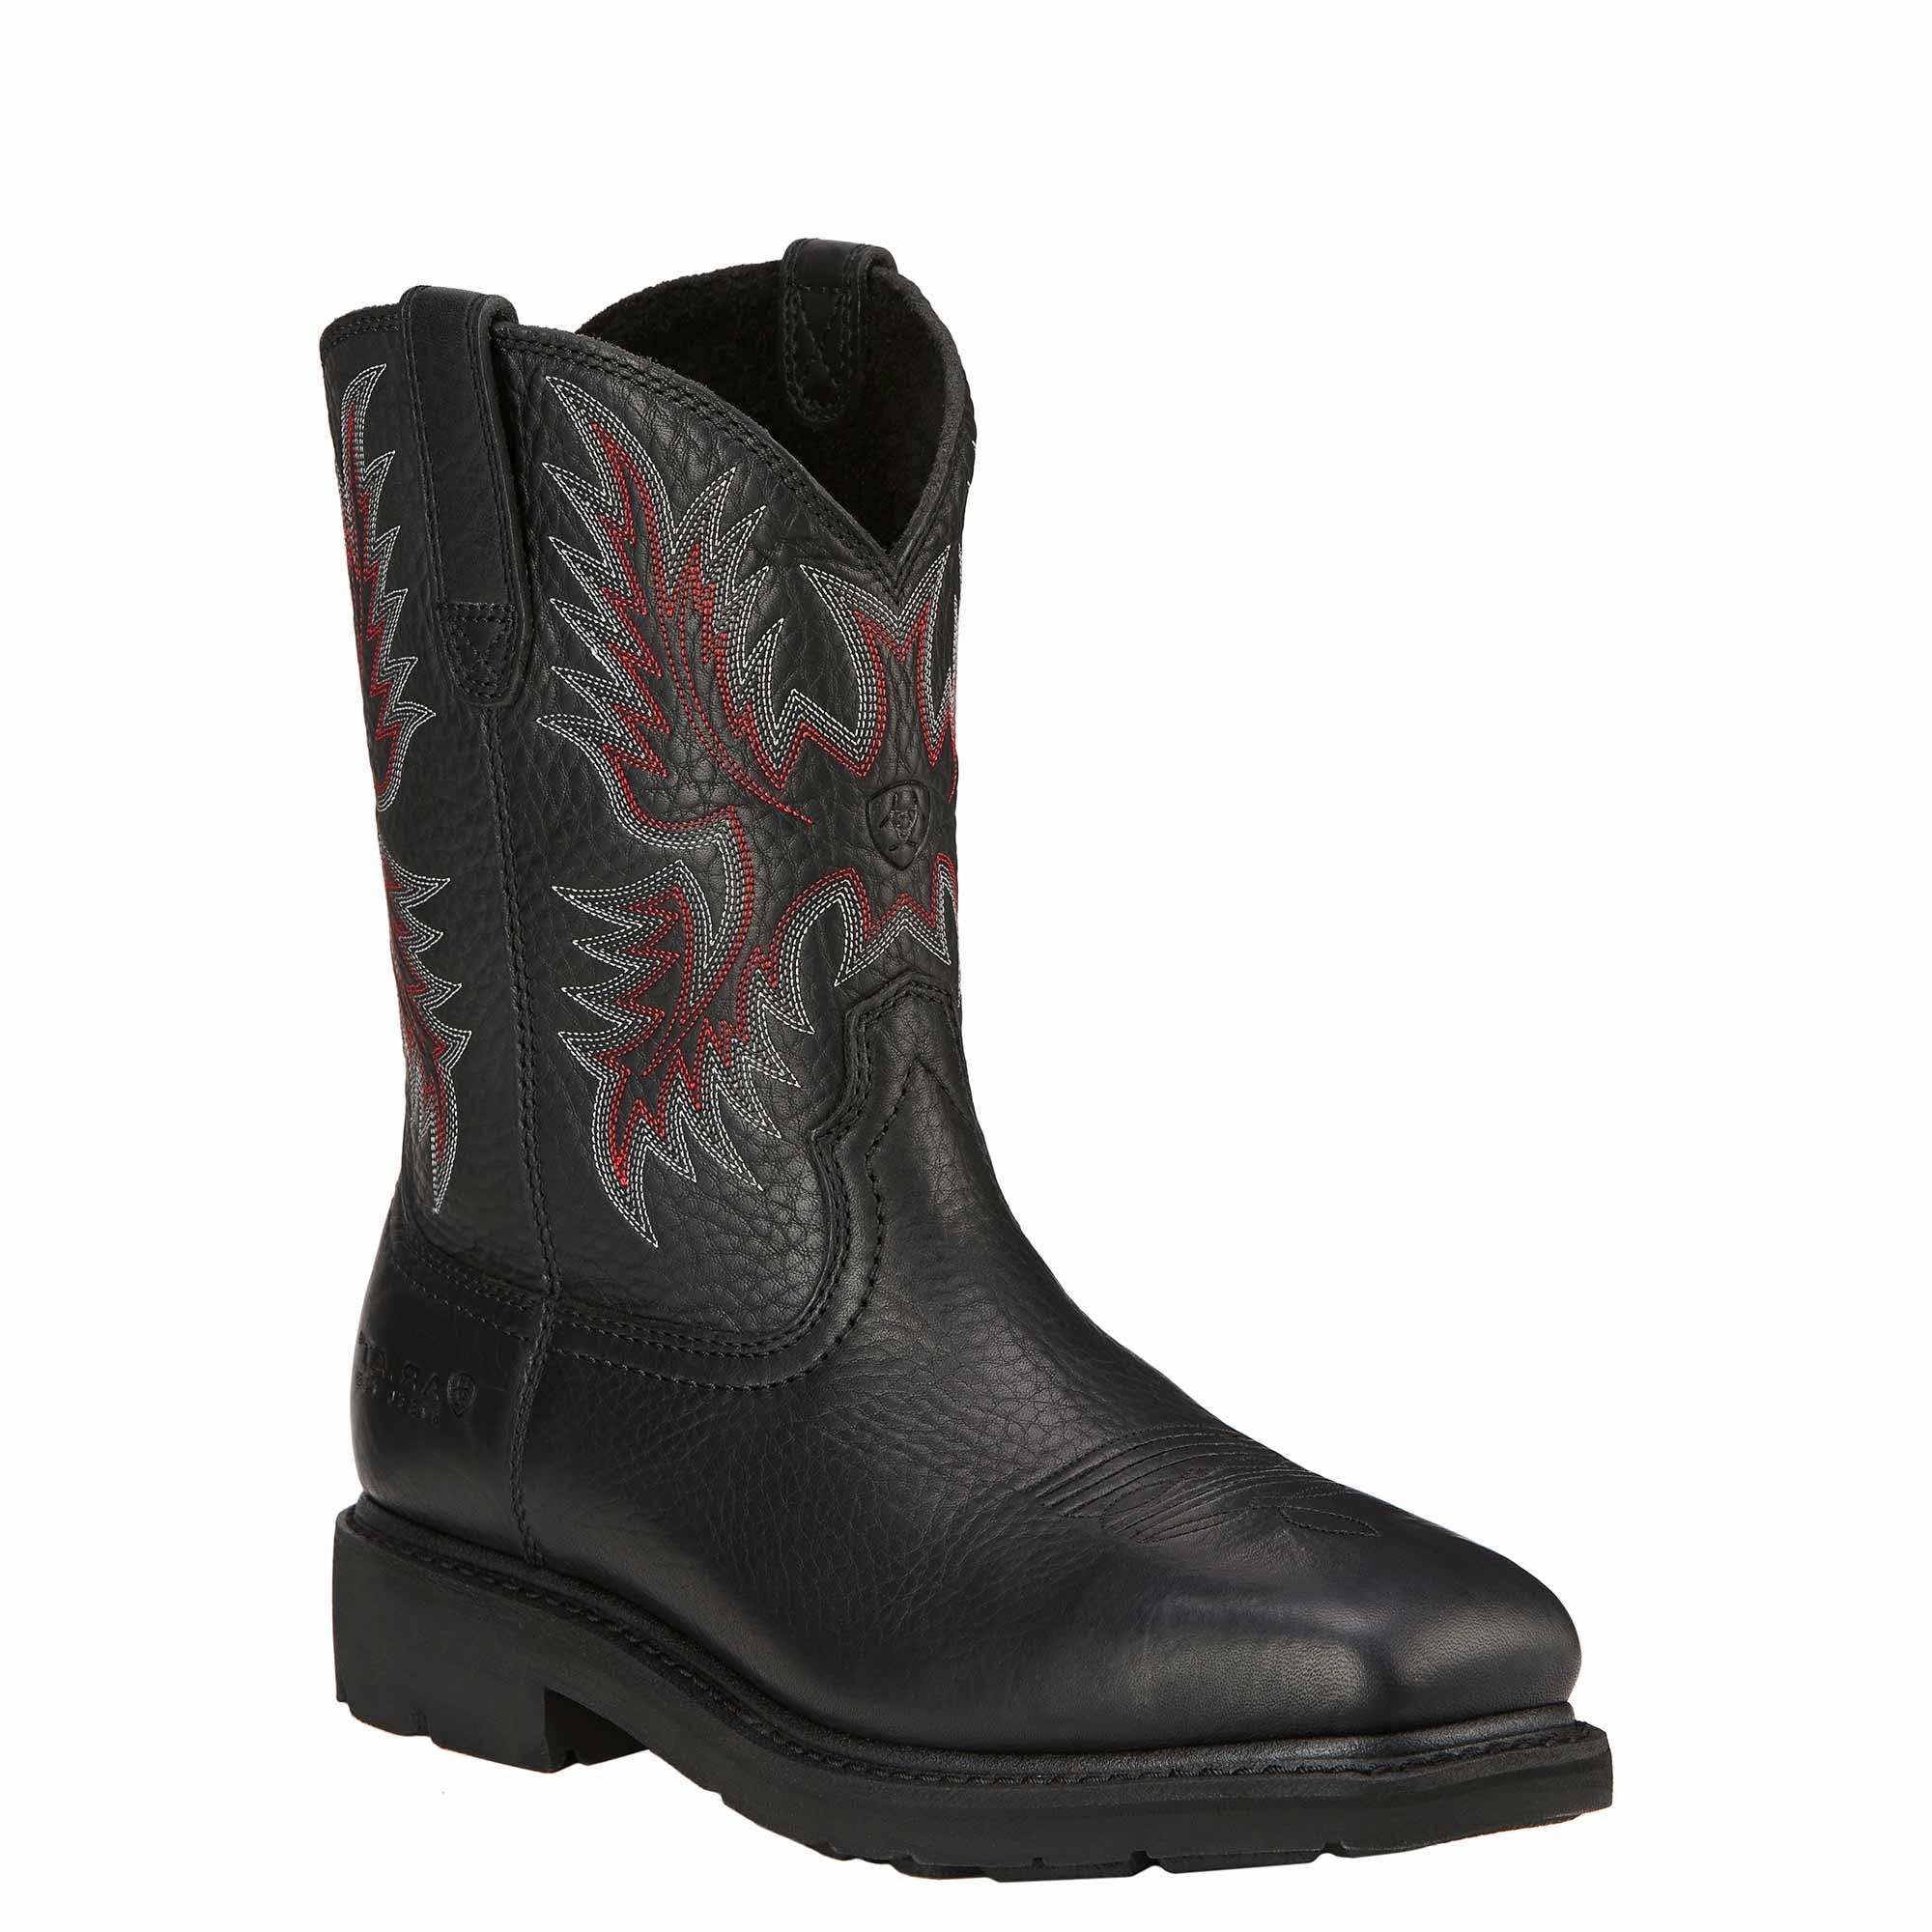 de7461f5a0a Ariat Men's Work Boots Sierra Wide Square Toe. Black. Steel Toe